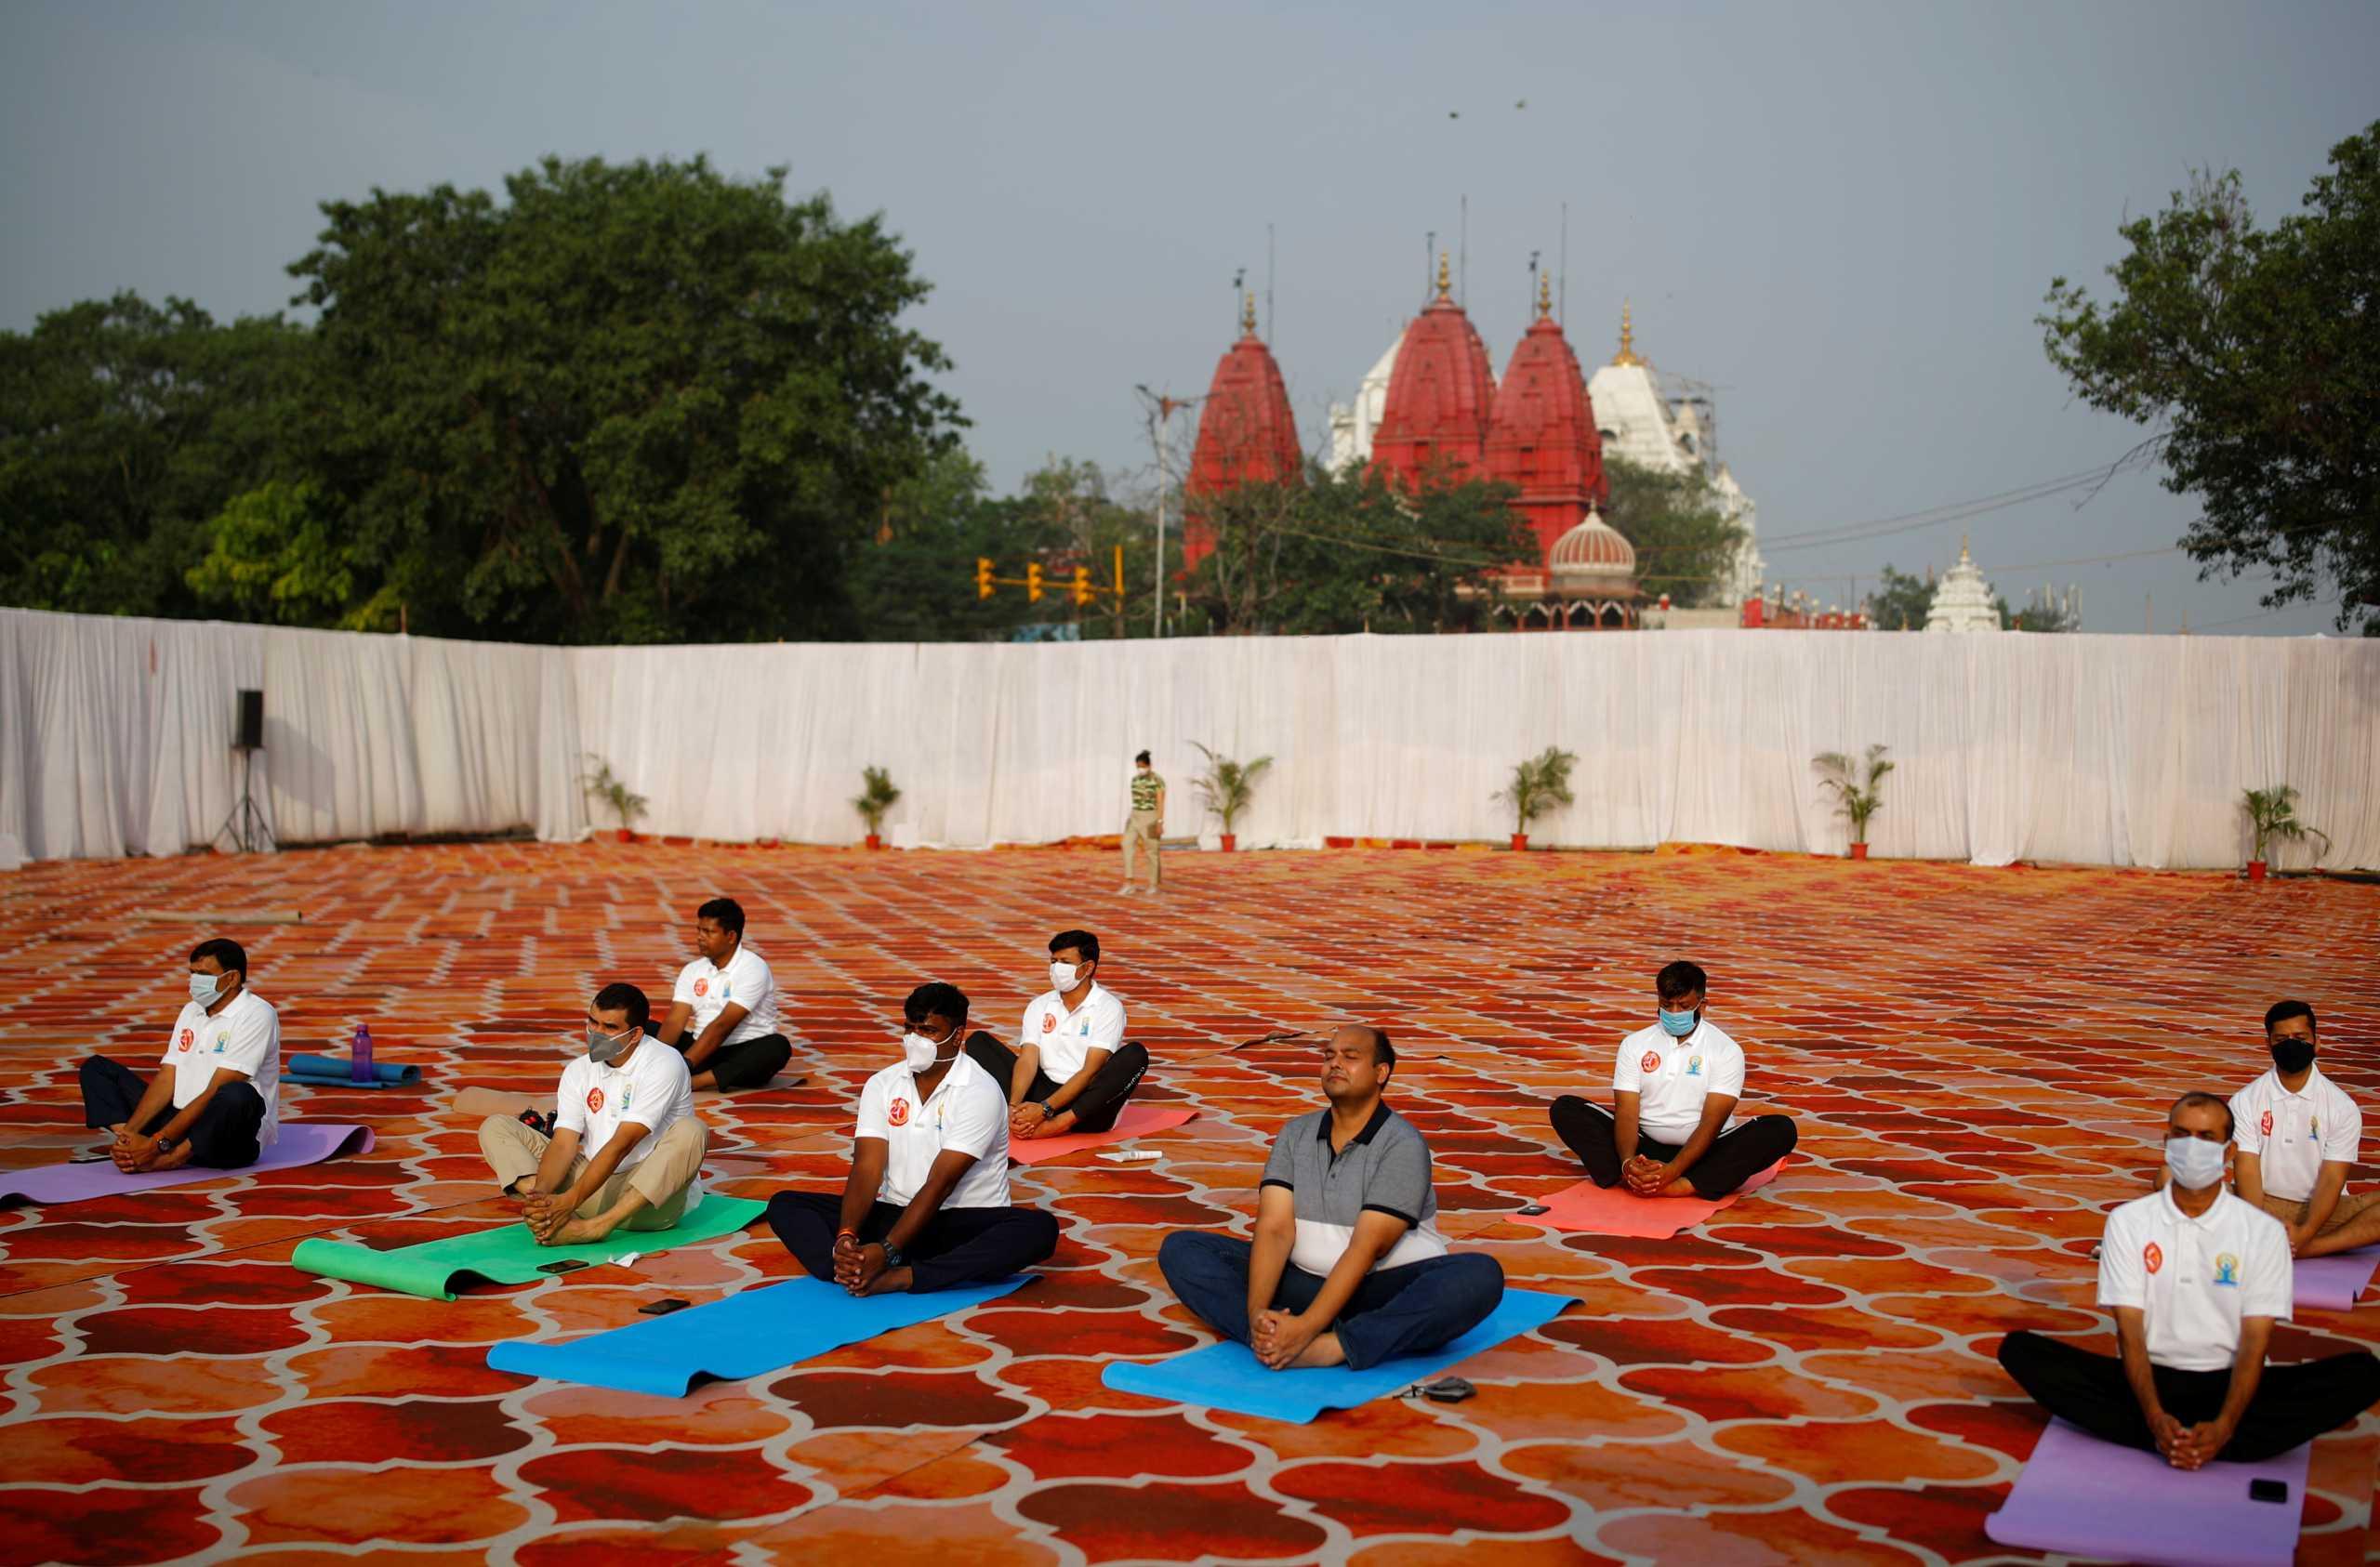 Ινδία: Με 1.422 νεκρούς από κορονοϊό, μιλούν για τα οφέλη της… γιόγκα στην αντιμετώπιση της πανδημίας